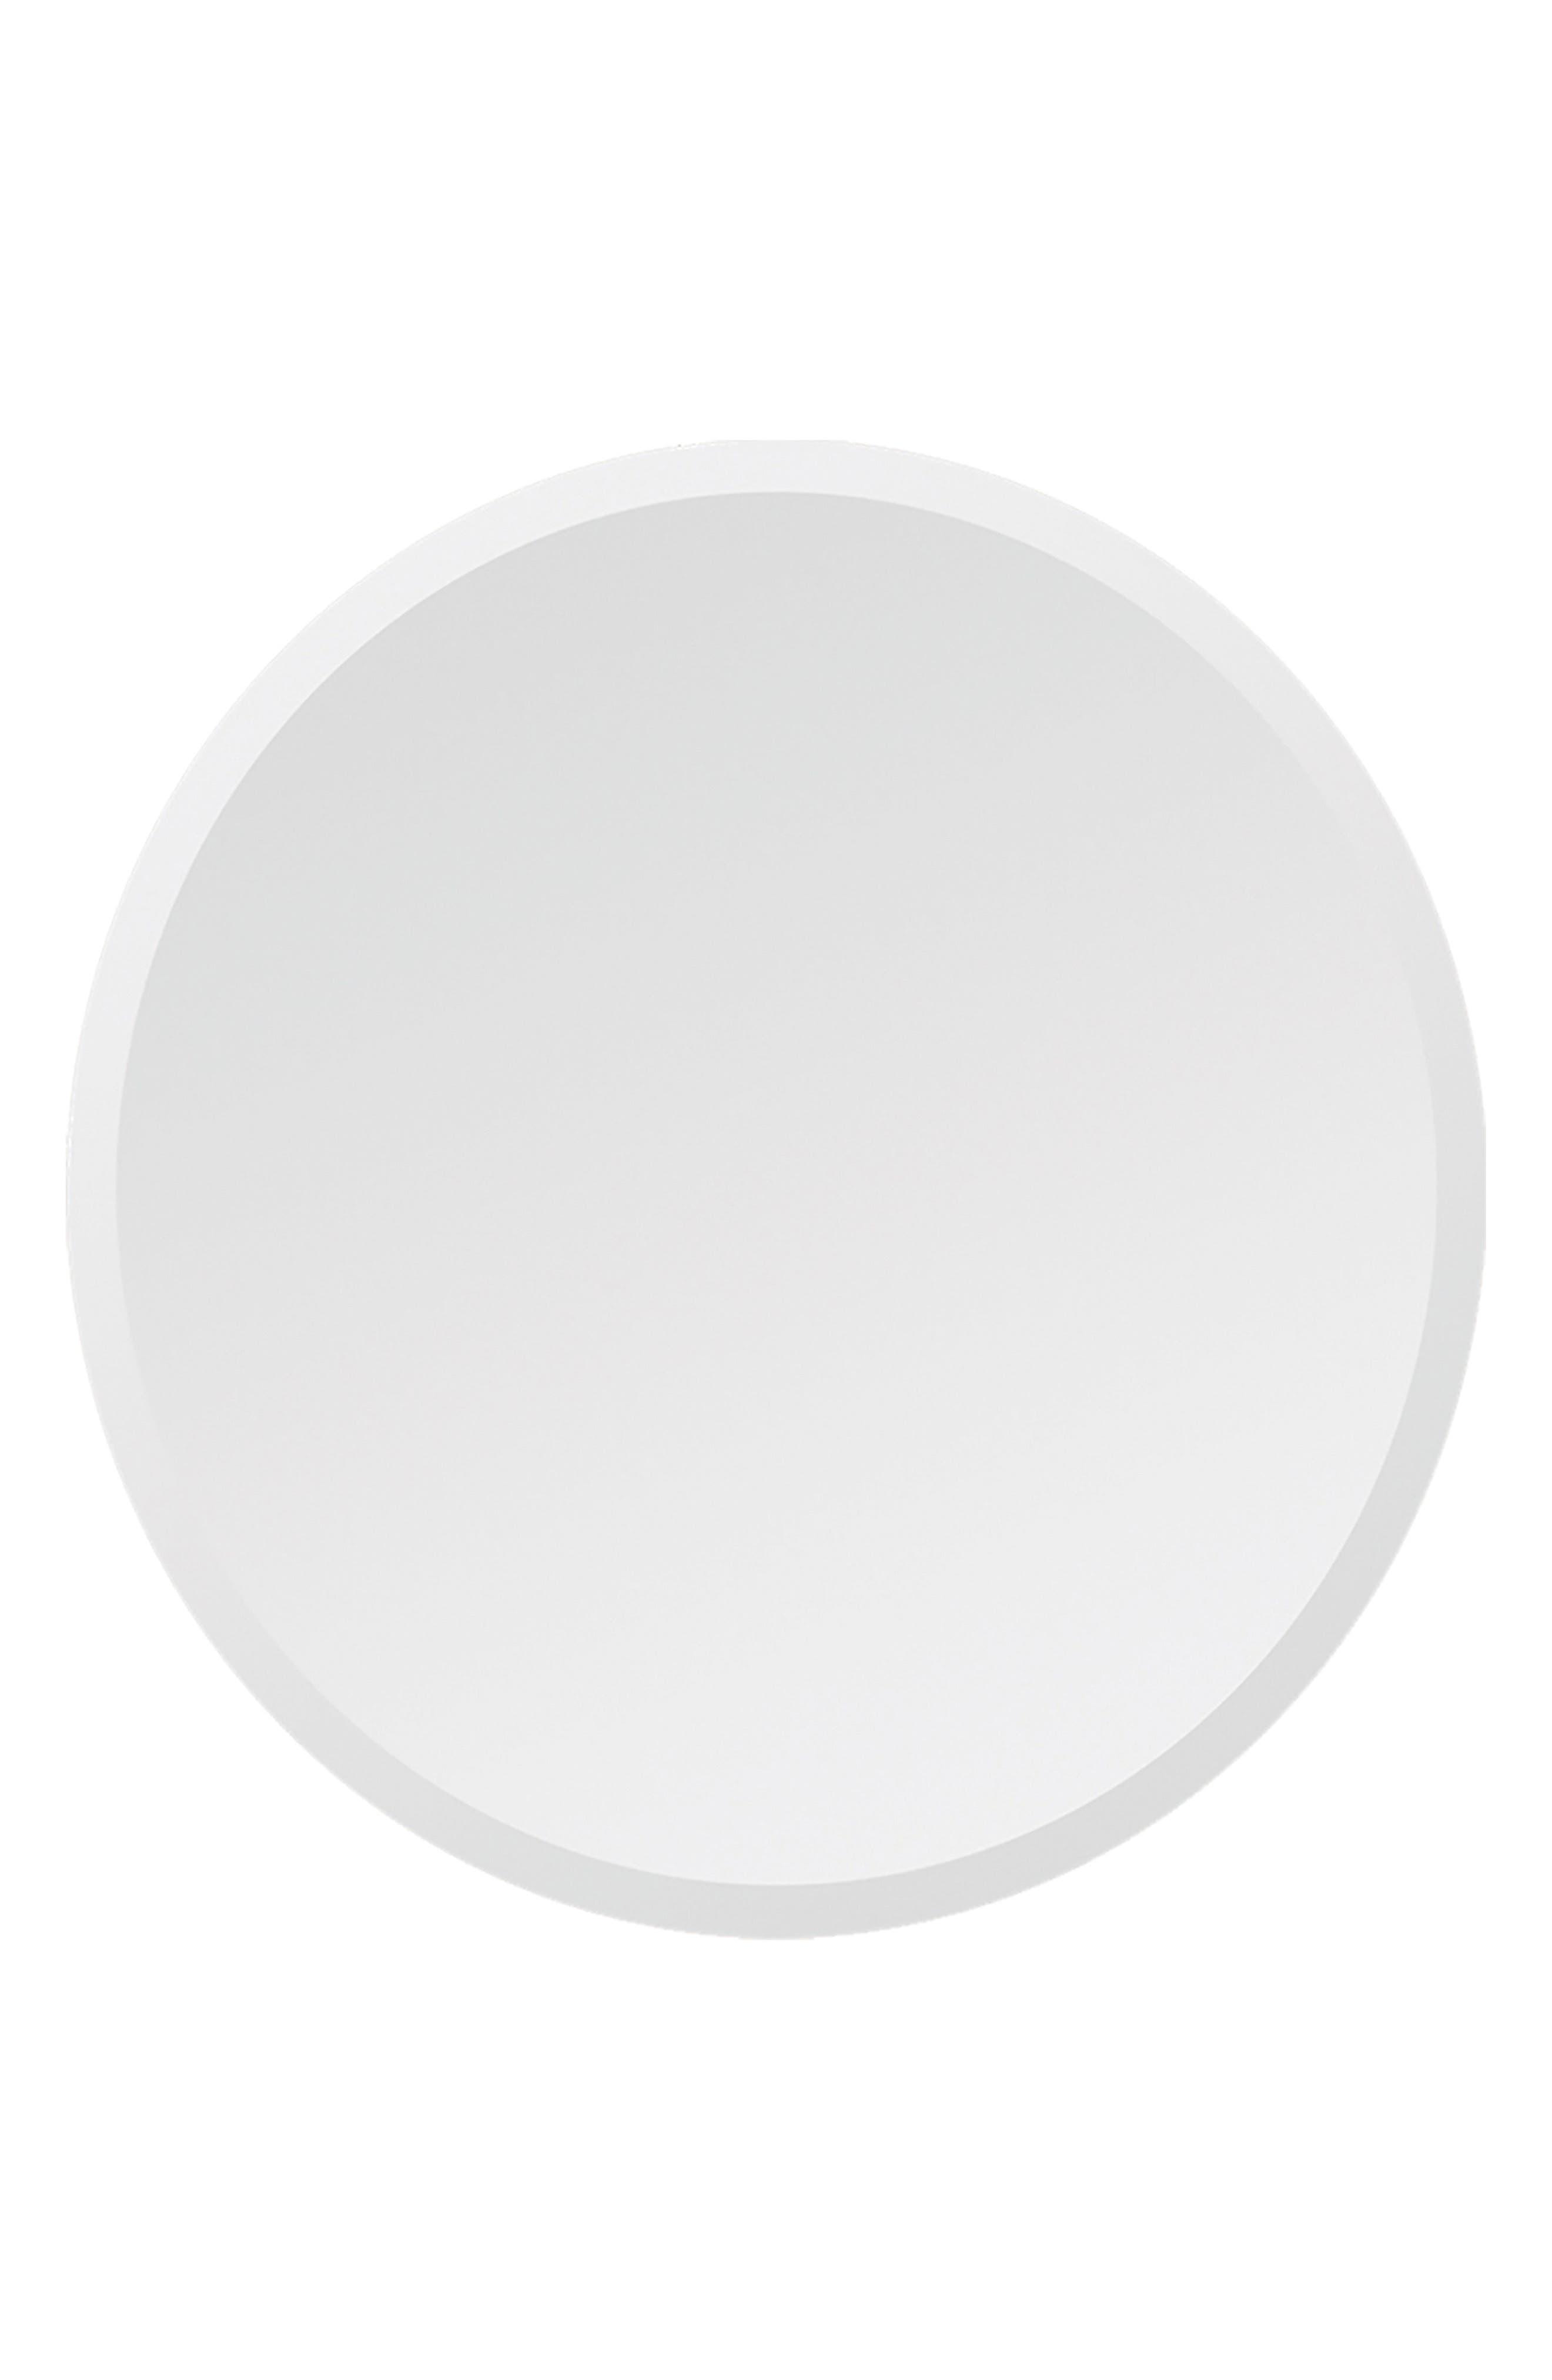 Kiko Round Mirror,                         Main,                         color, Clear